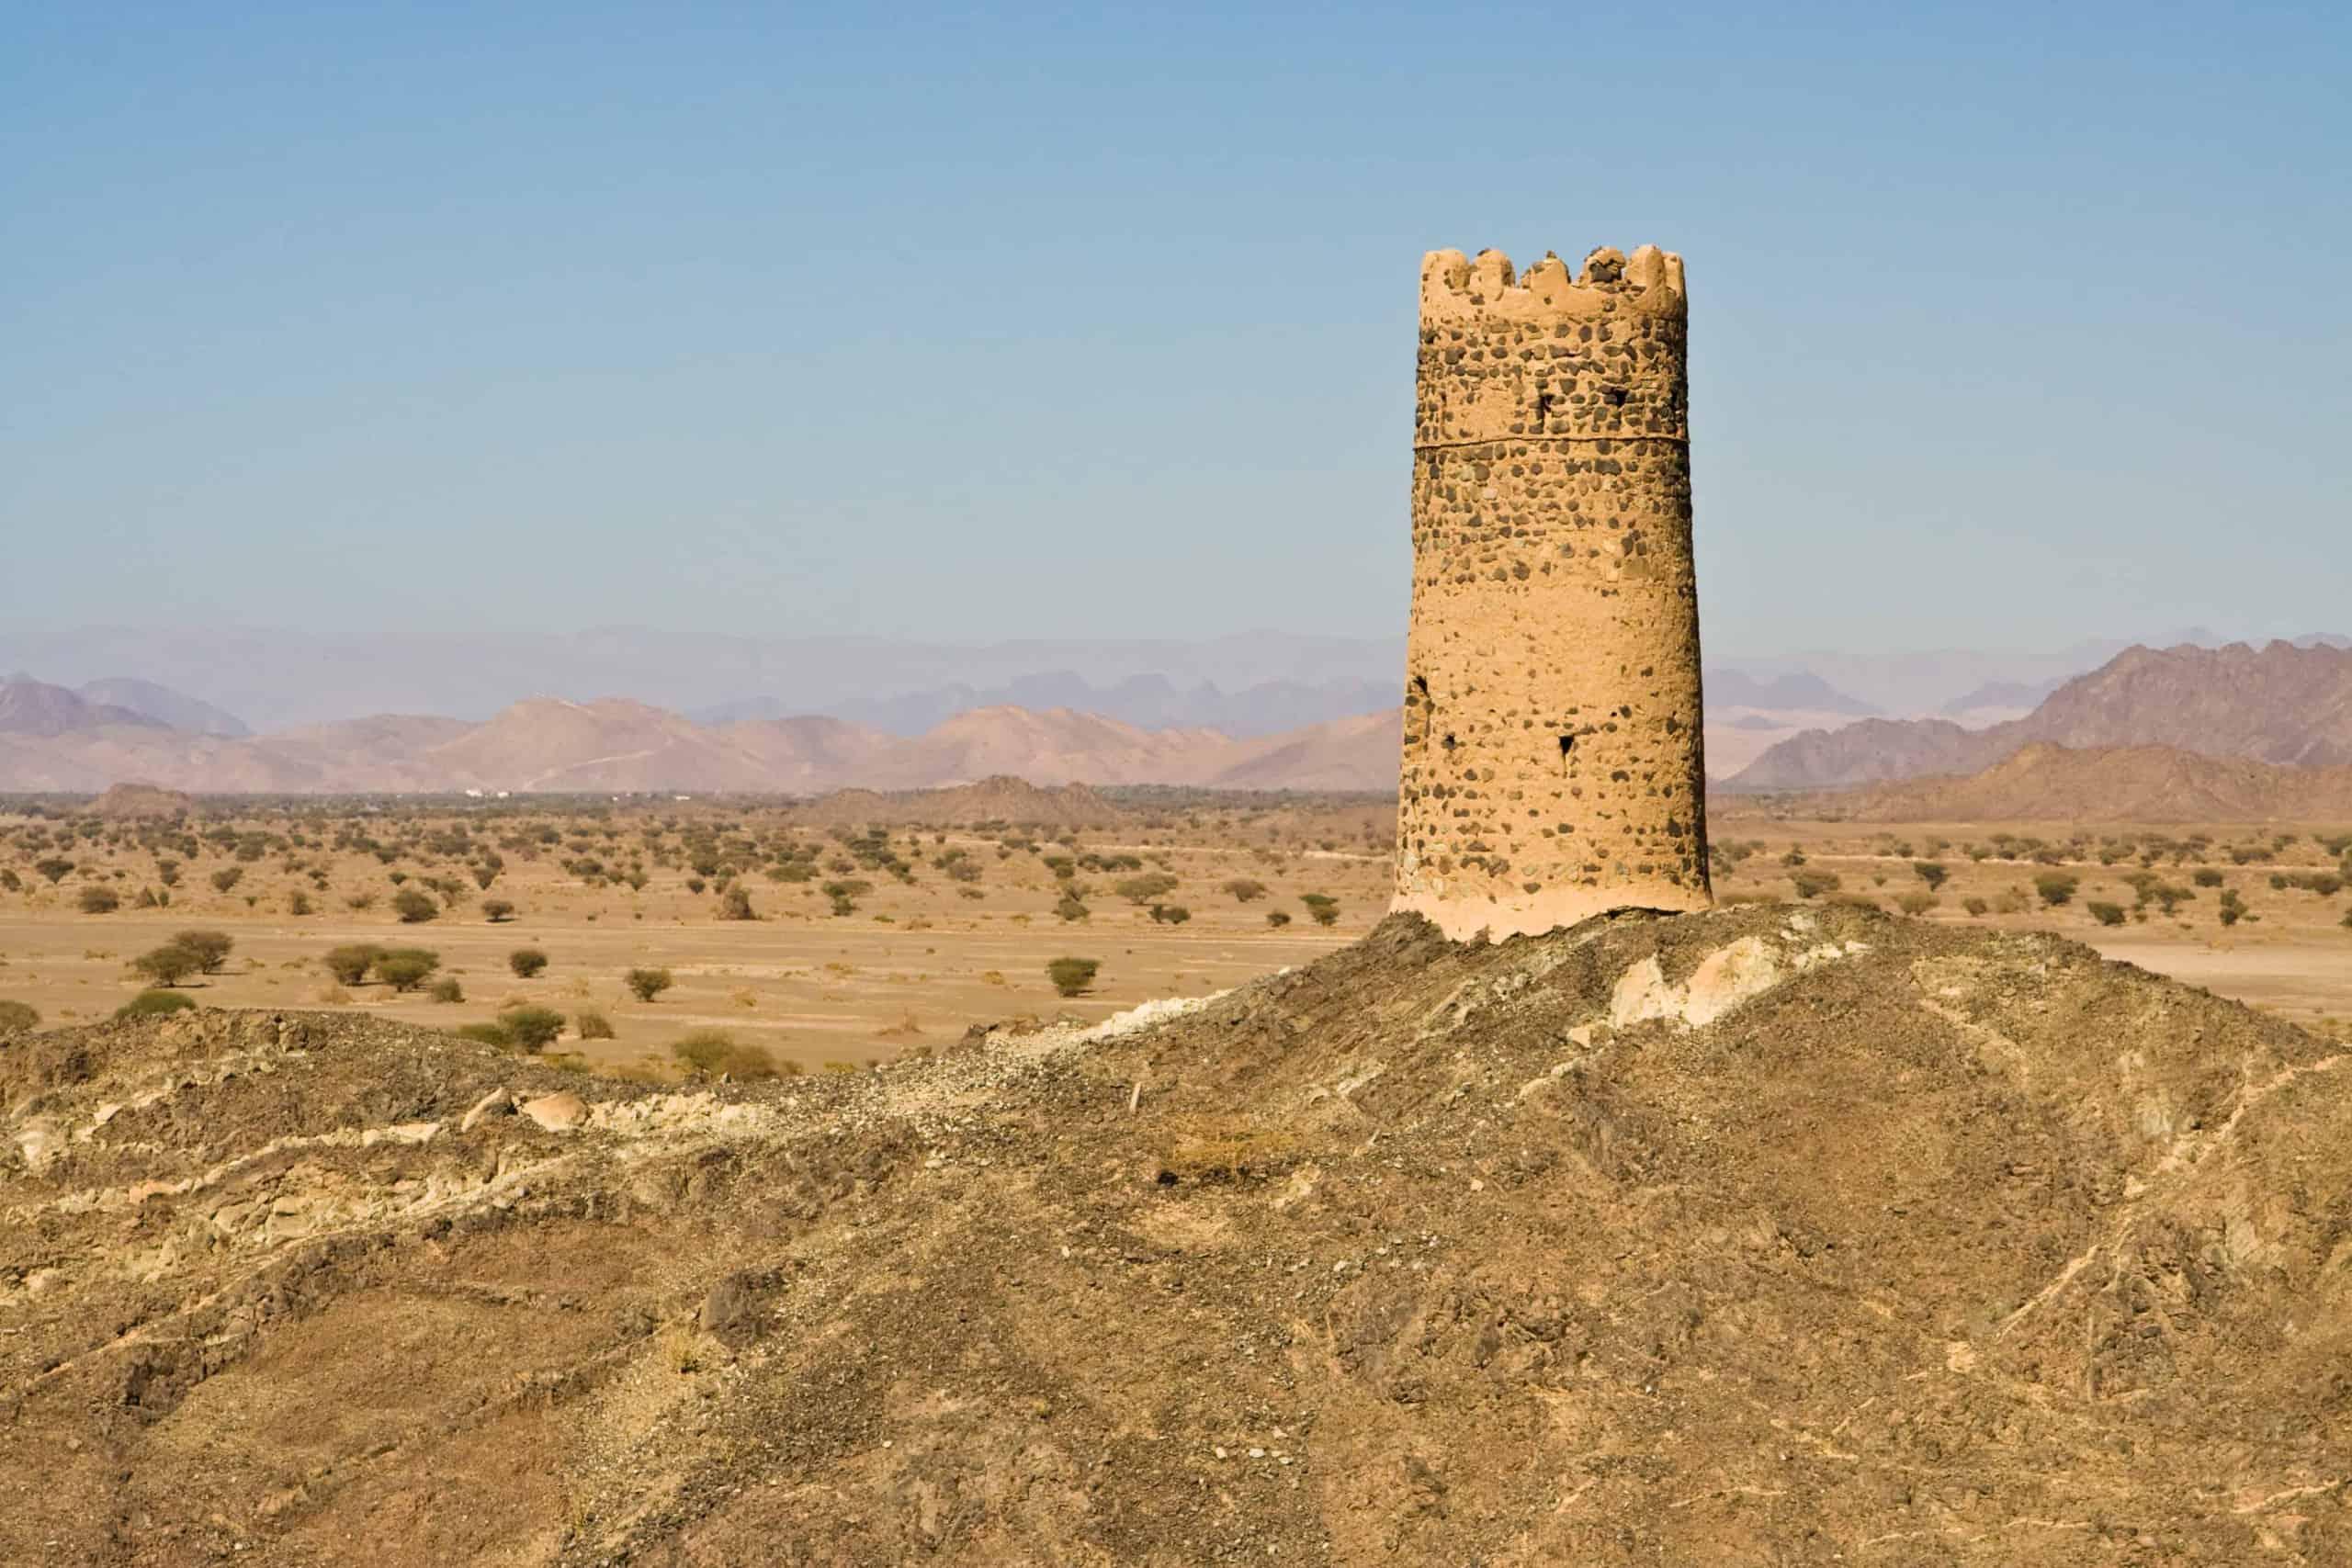 Ruins at Al Mudayribmountains, Oman